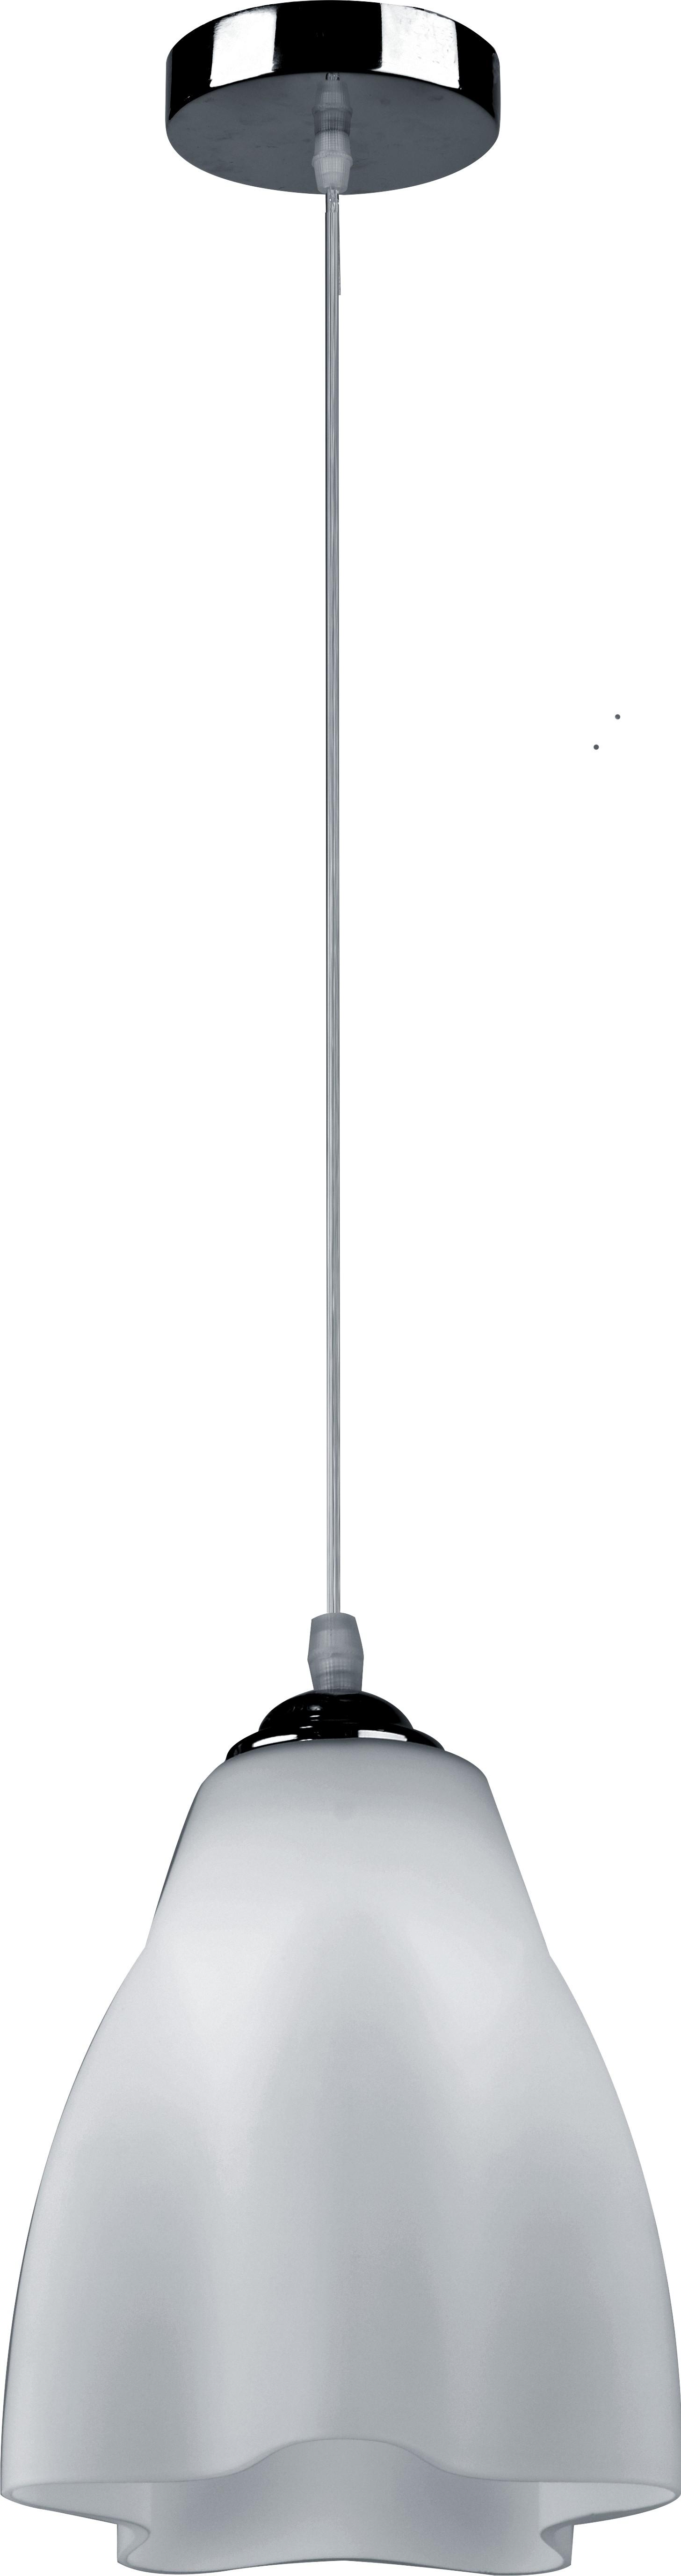 Купить Светильник подвесной Arte lamp A3469sp-1cc